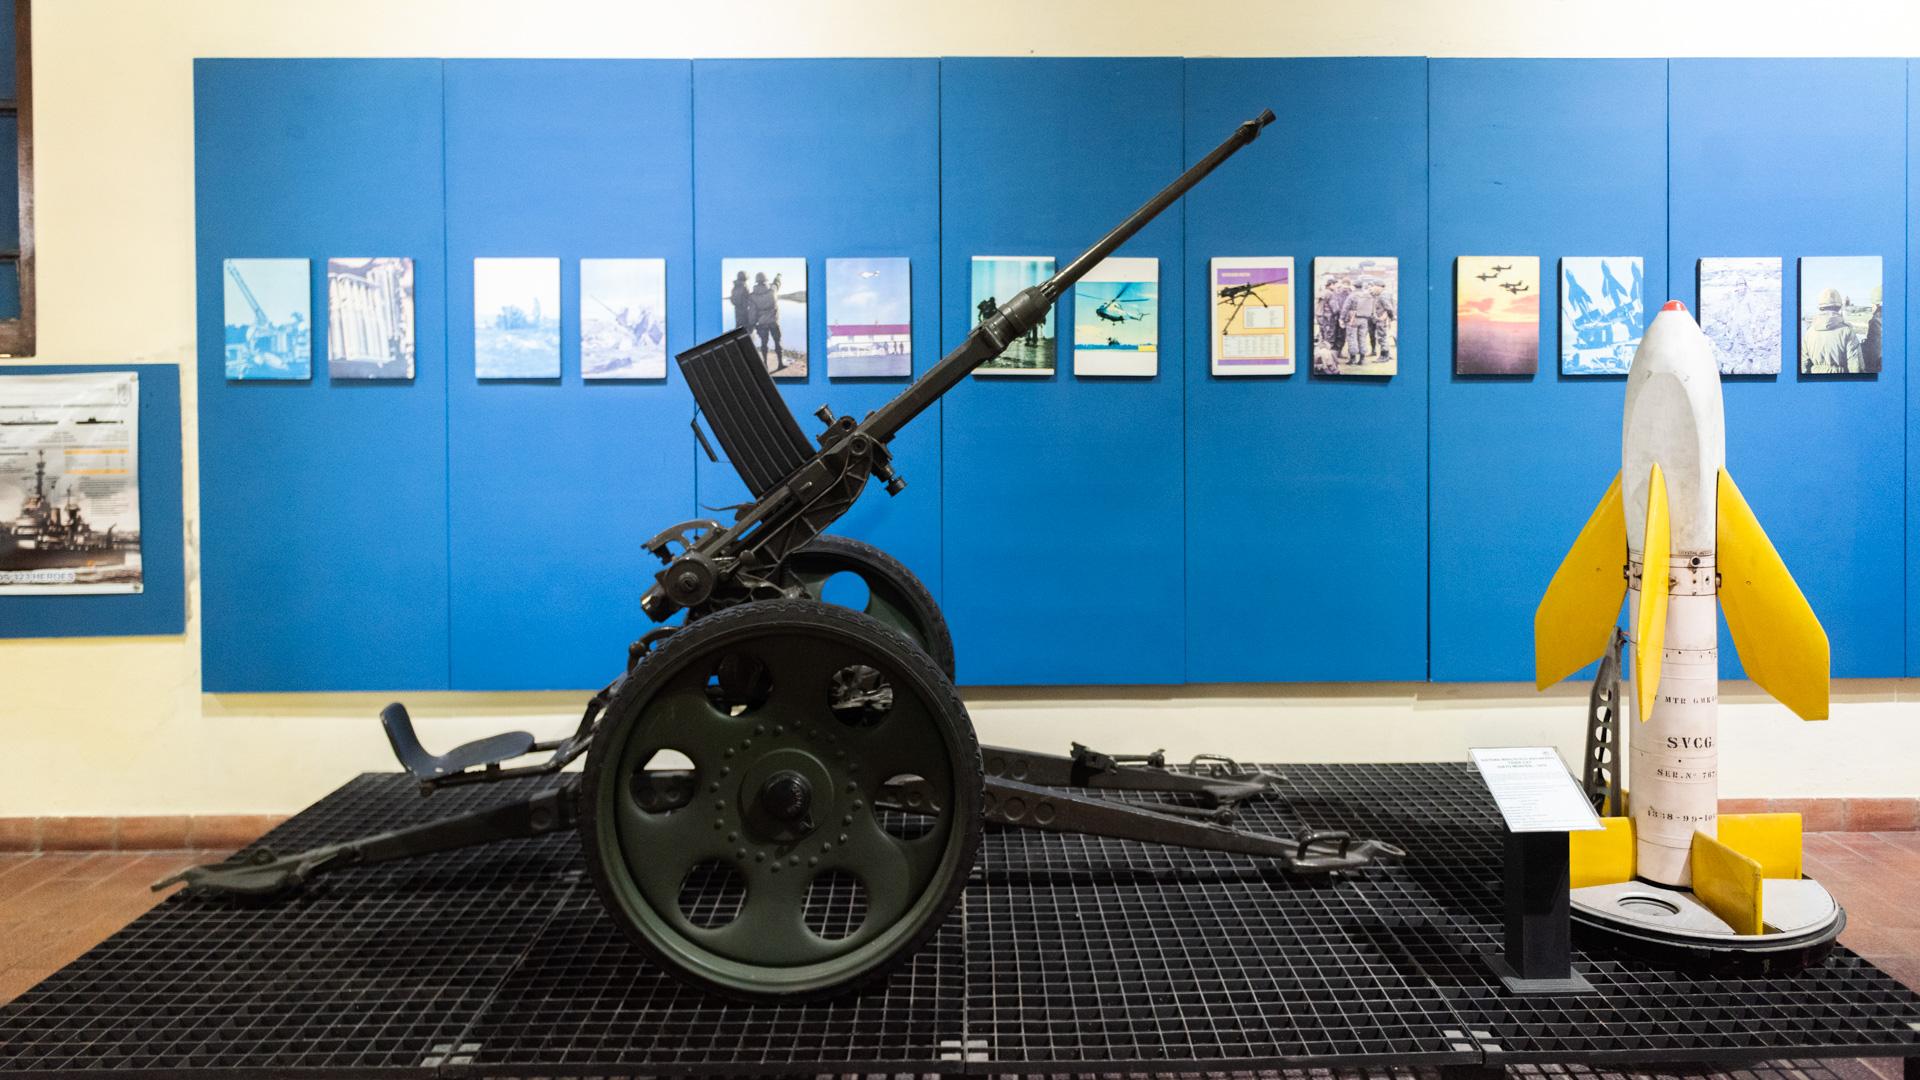 Un cañon antiaéreo se exhibe junto a un misil utilizados durante el transcurso de las batallas